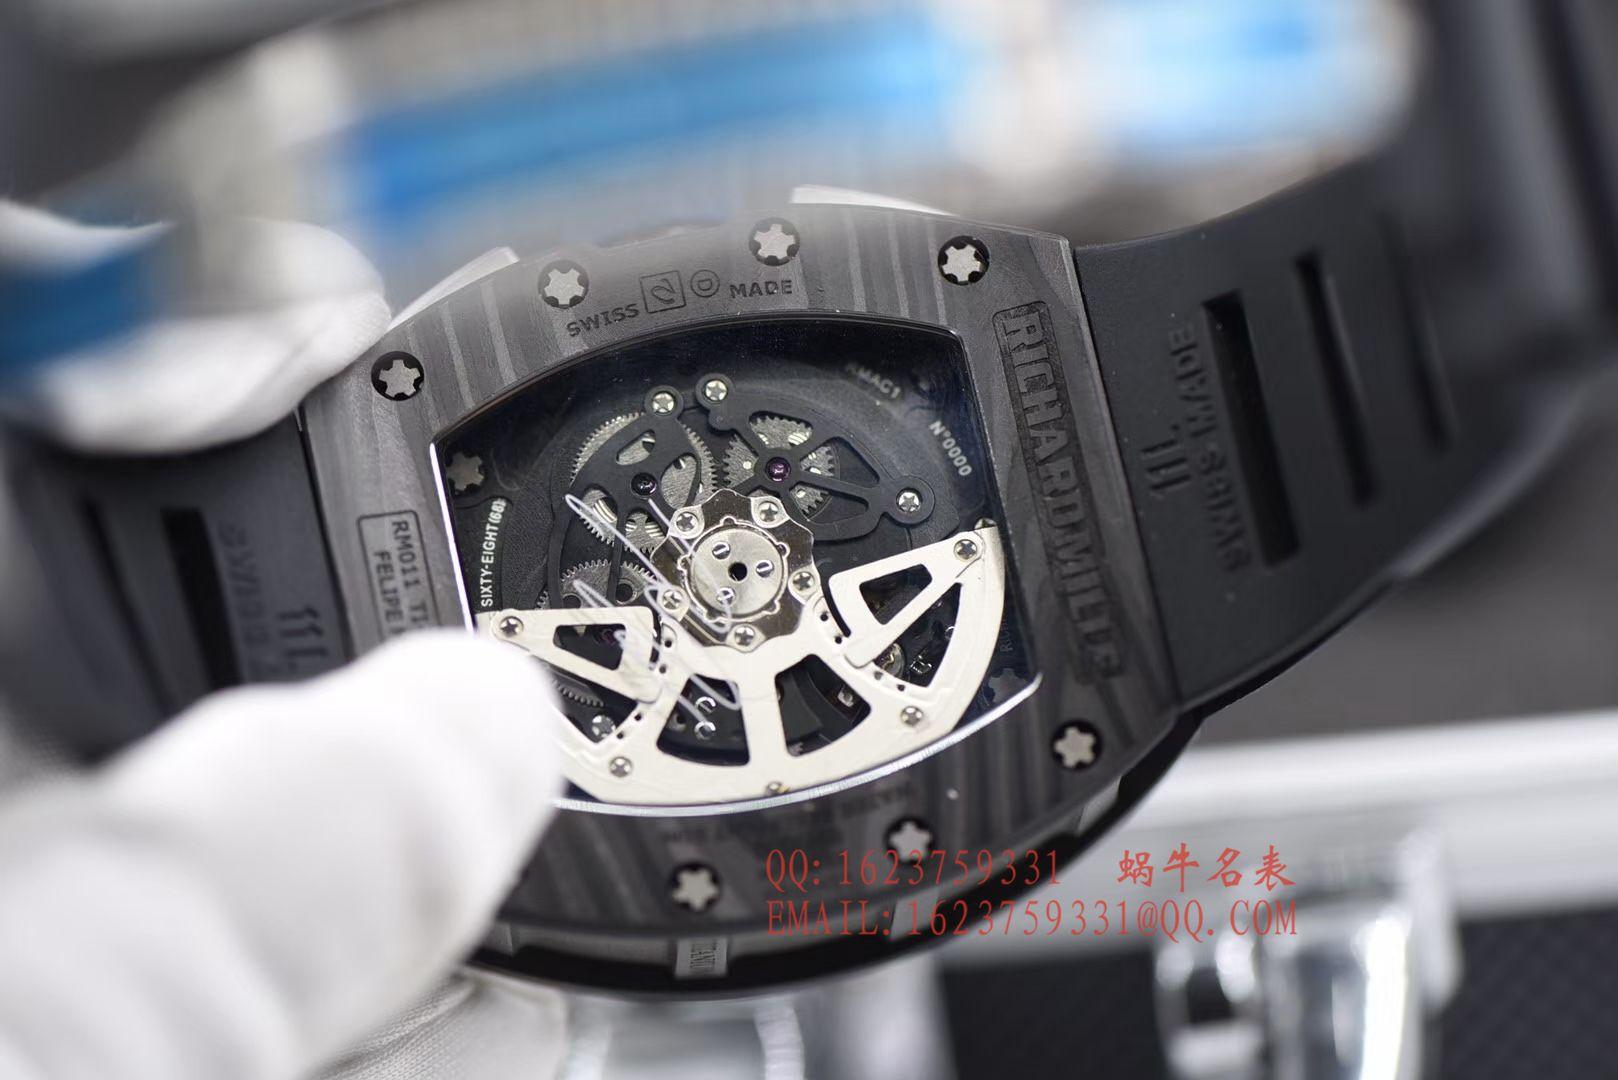 【独家视频评测KV最强版本顶级复刻手表】理查德米勒RICHARD MILLE男士系列RM 011腕表 / RMCI 011DD